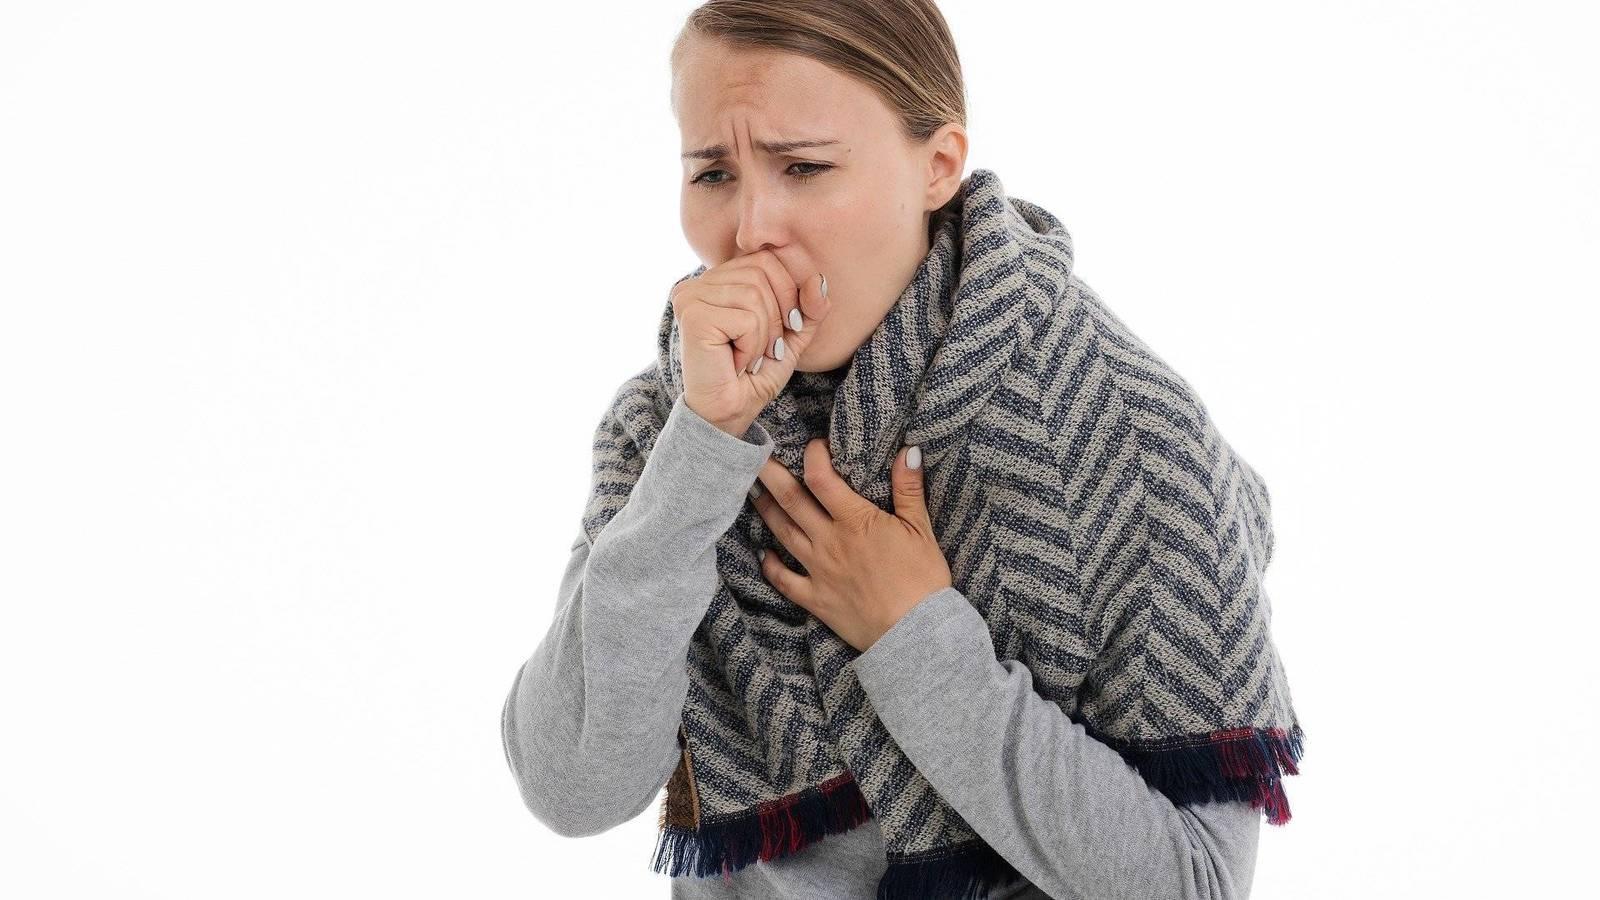 consejos para la tos